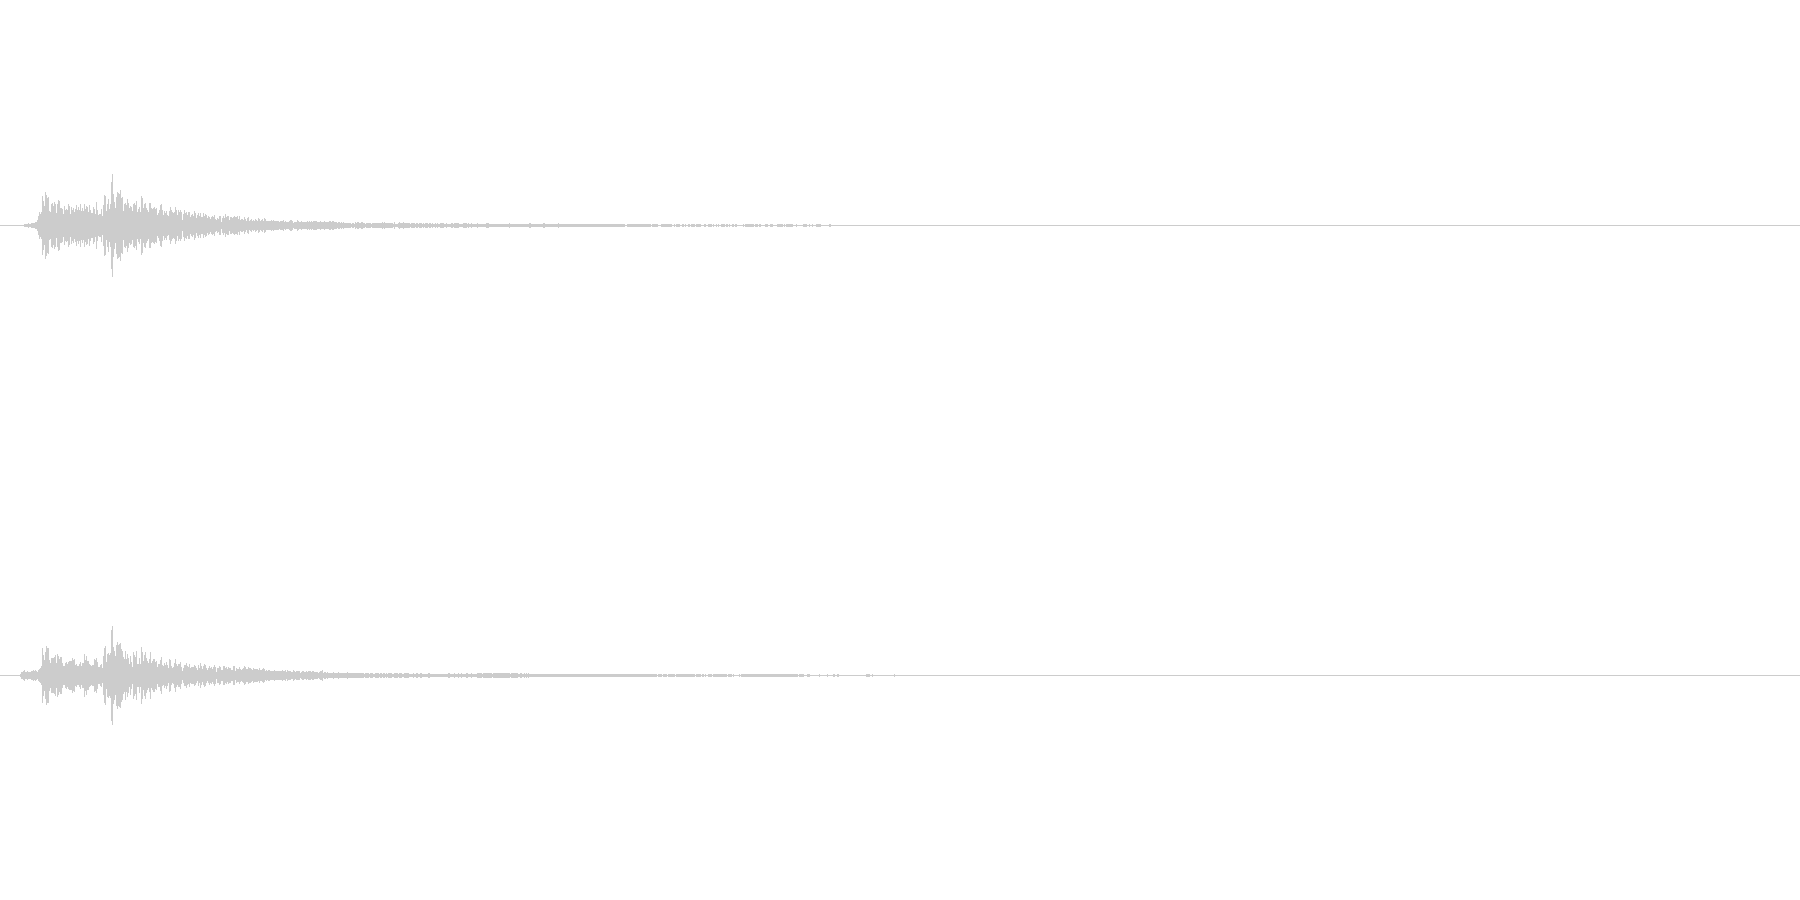 キラキラ系_015の未再生の波形